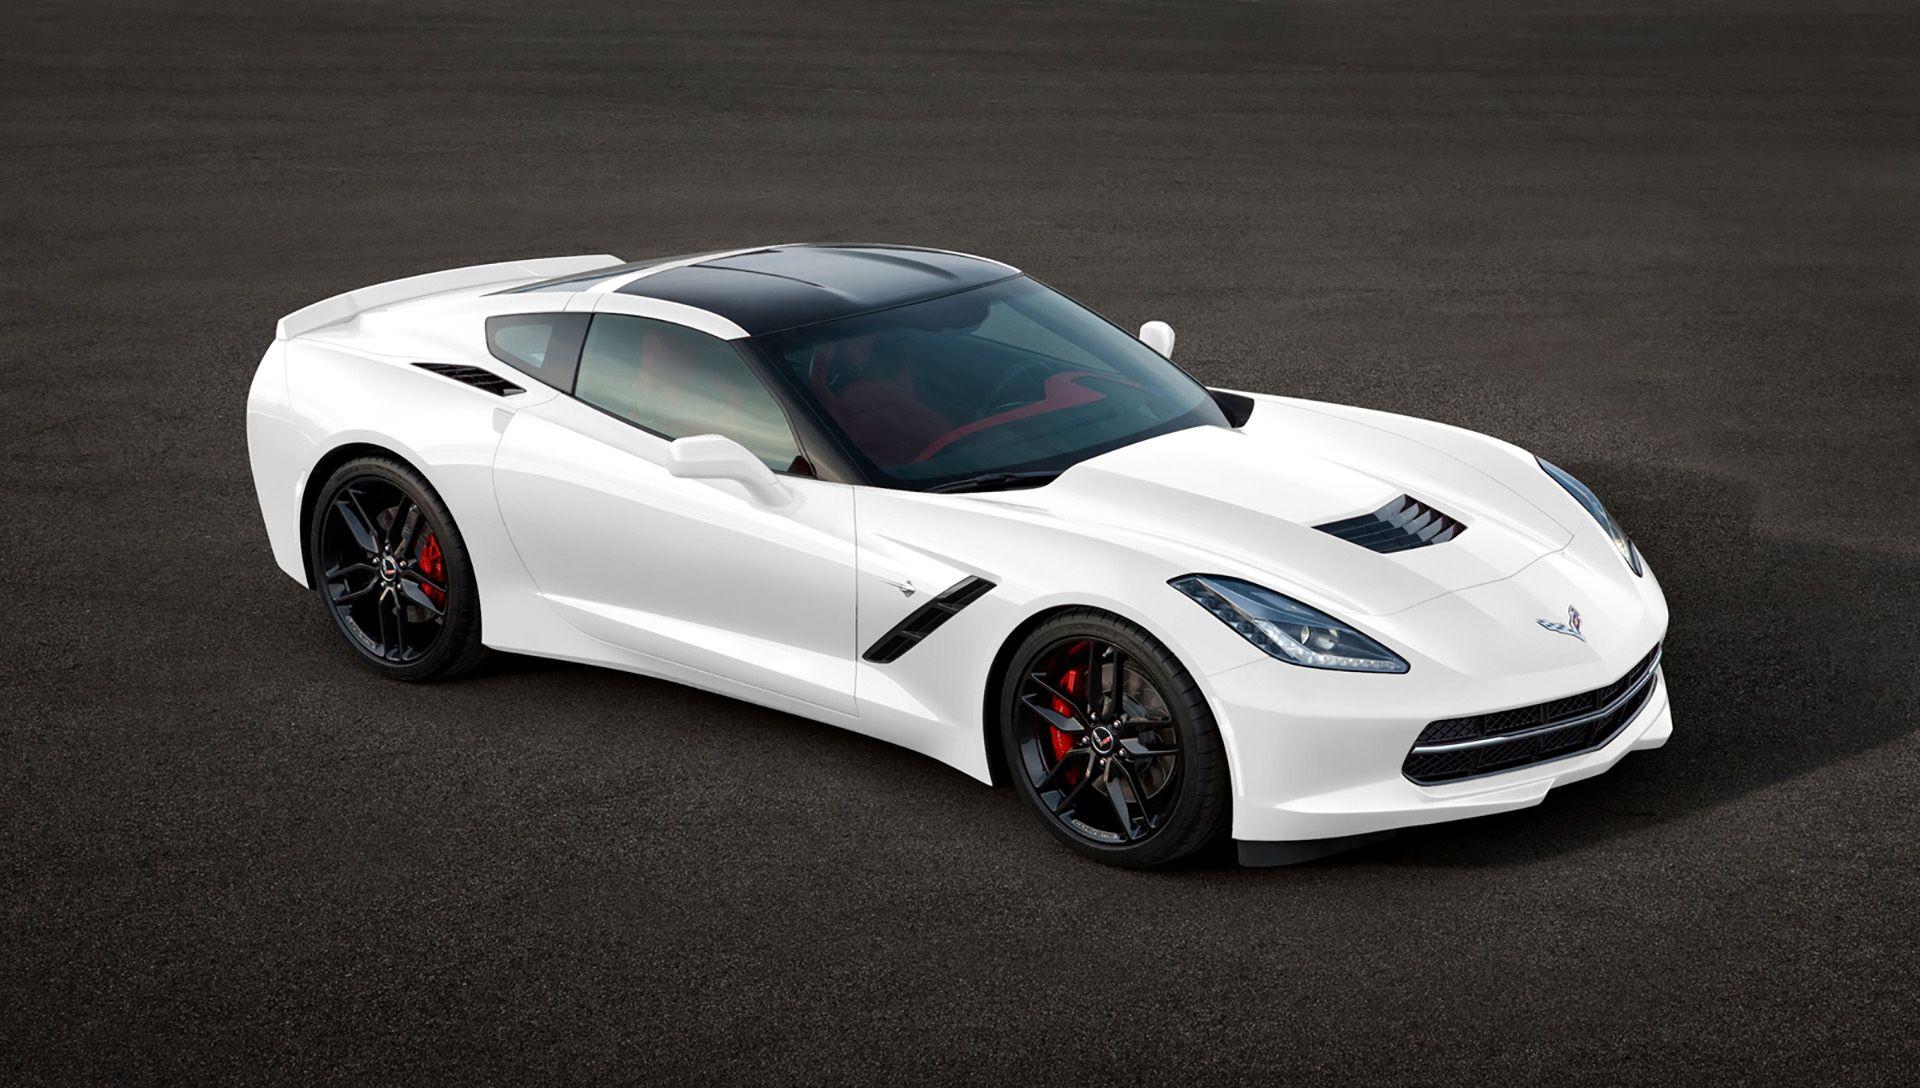 2015 Corvette Images 2015 Chevrolet Corvette Stingray White